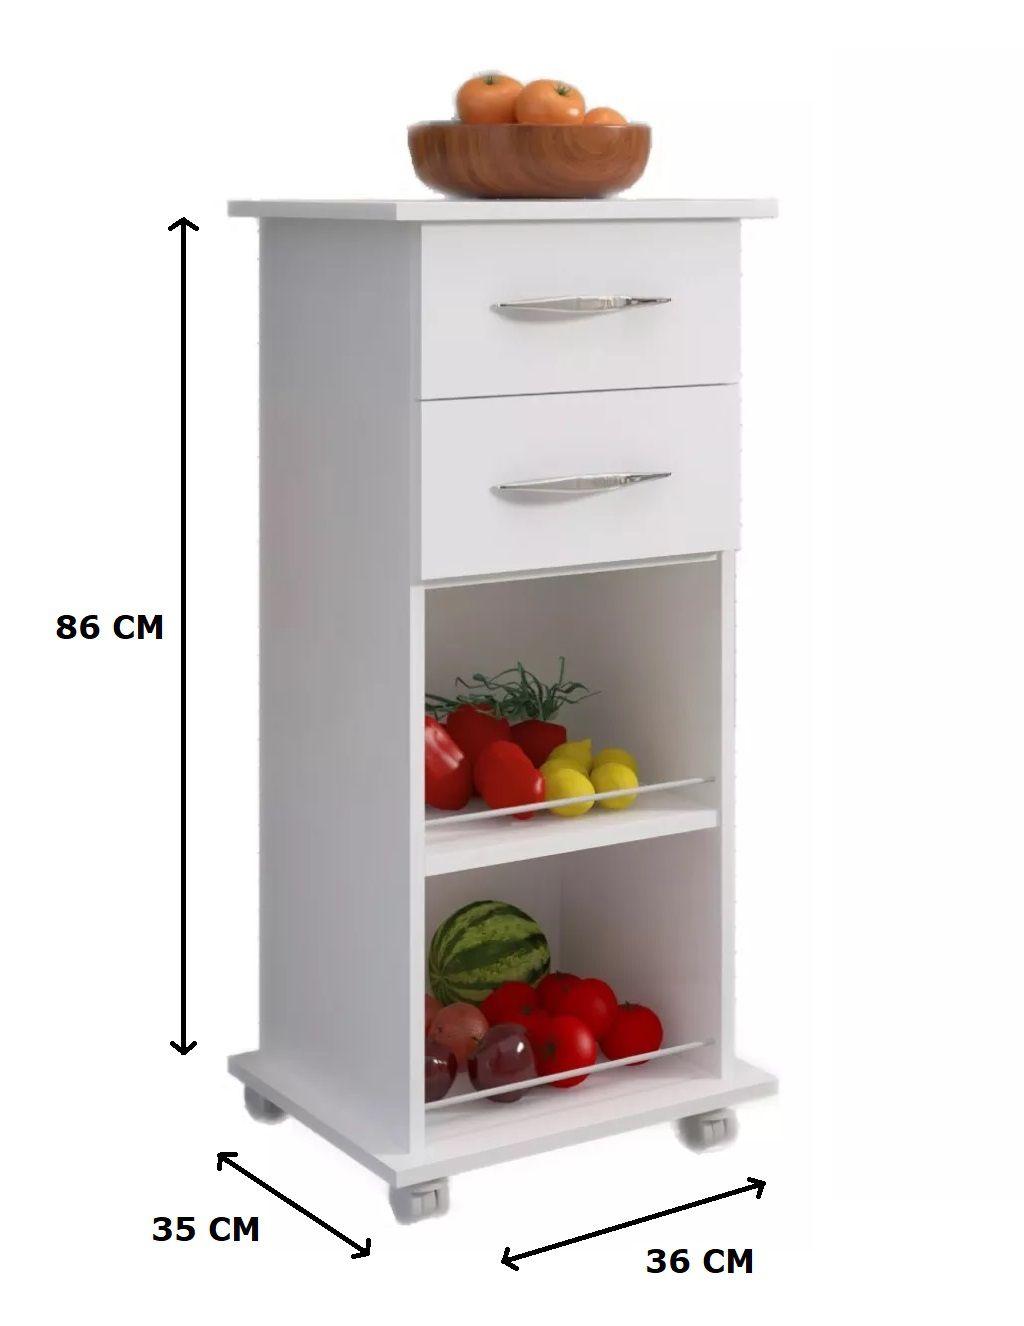 Fruteira Armário Branco Organizador Cozinha 2 Gavetas